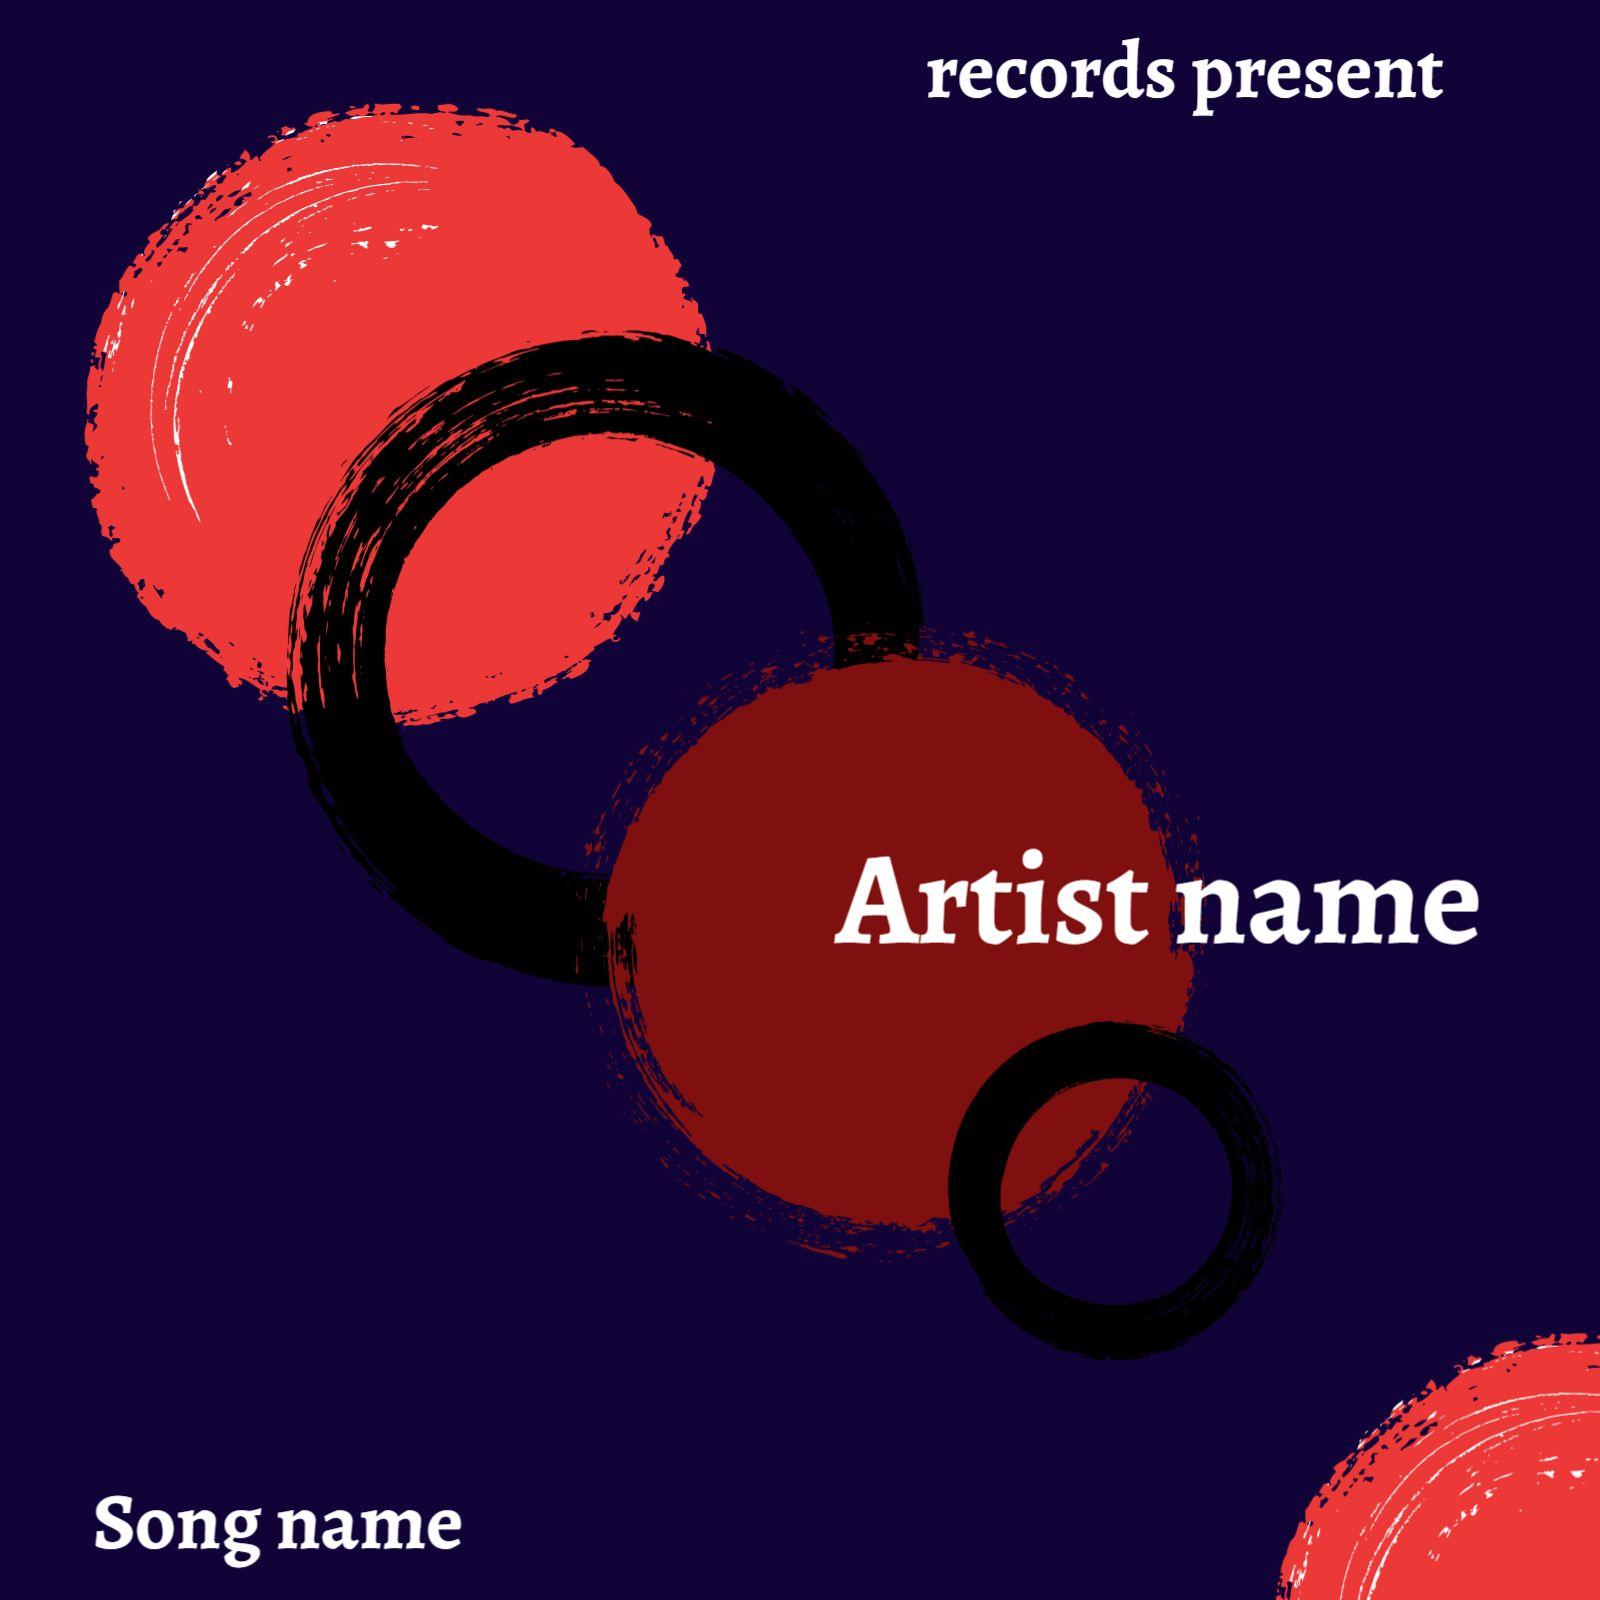 Digital Album Cover Design